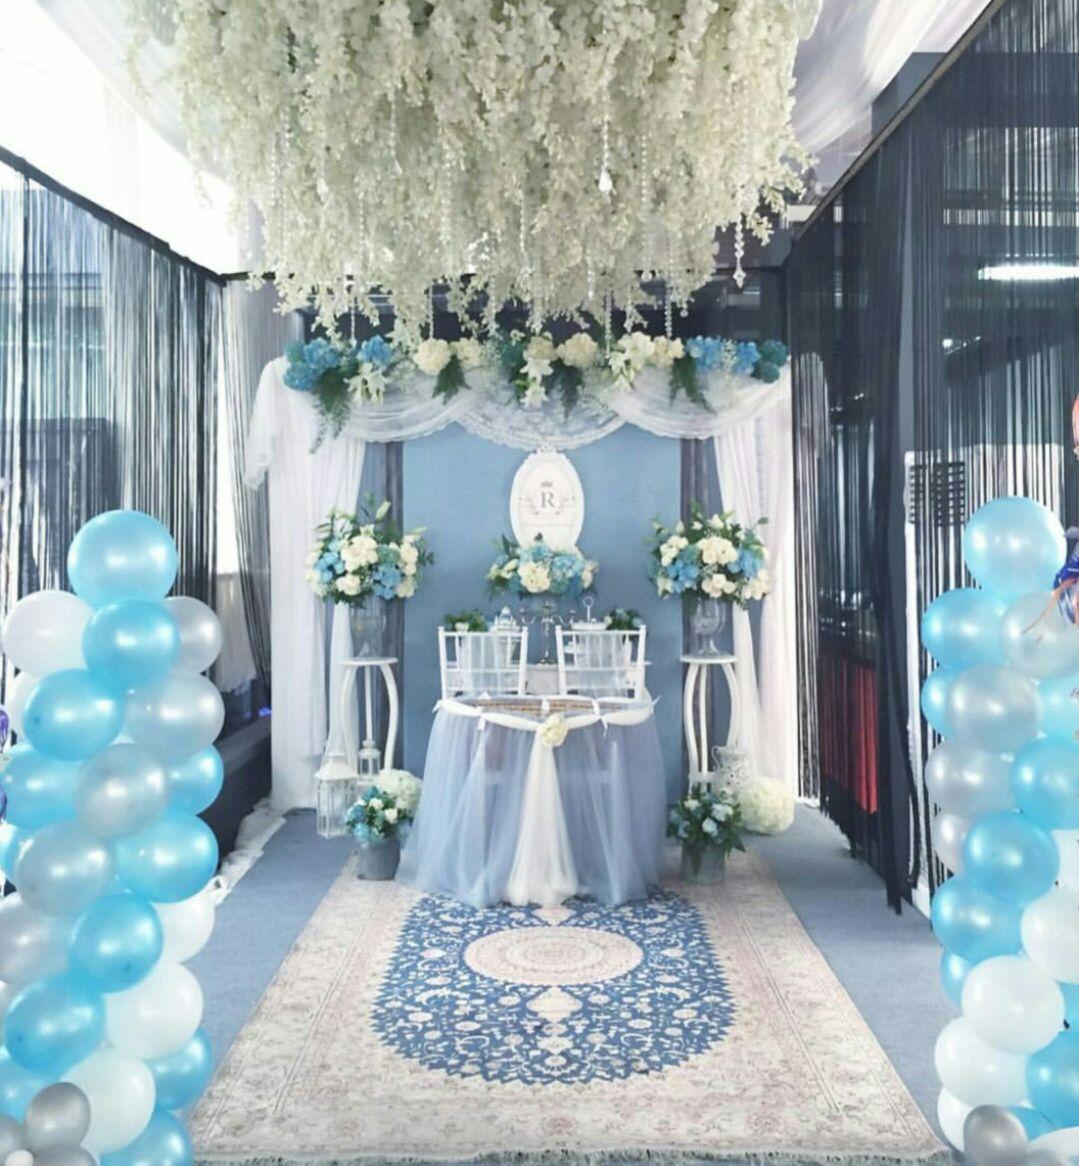 Sewa dekorasi pernikahan di semarang dekorasi pernikahan semarang dekorasi pelaminan untuk pernikahan di semarang junglespirit Image collections